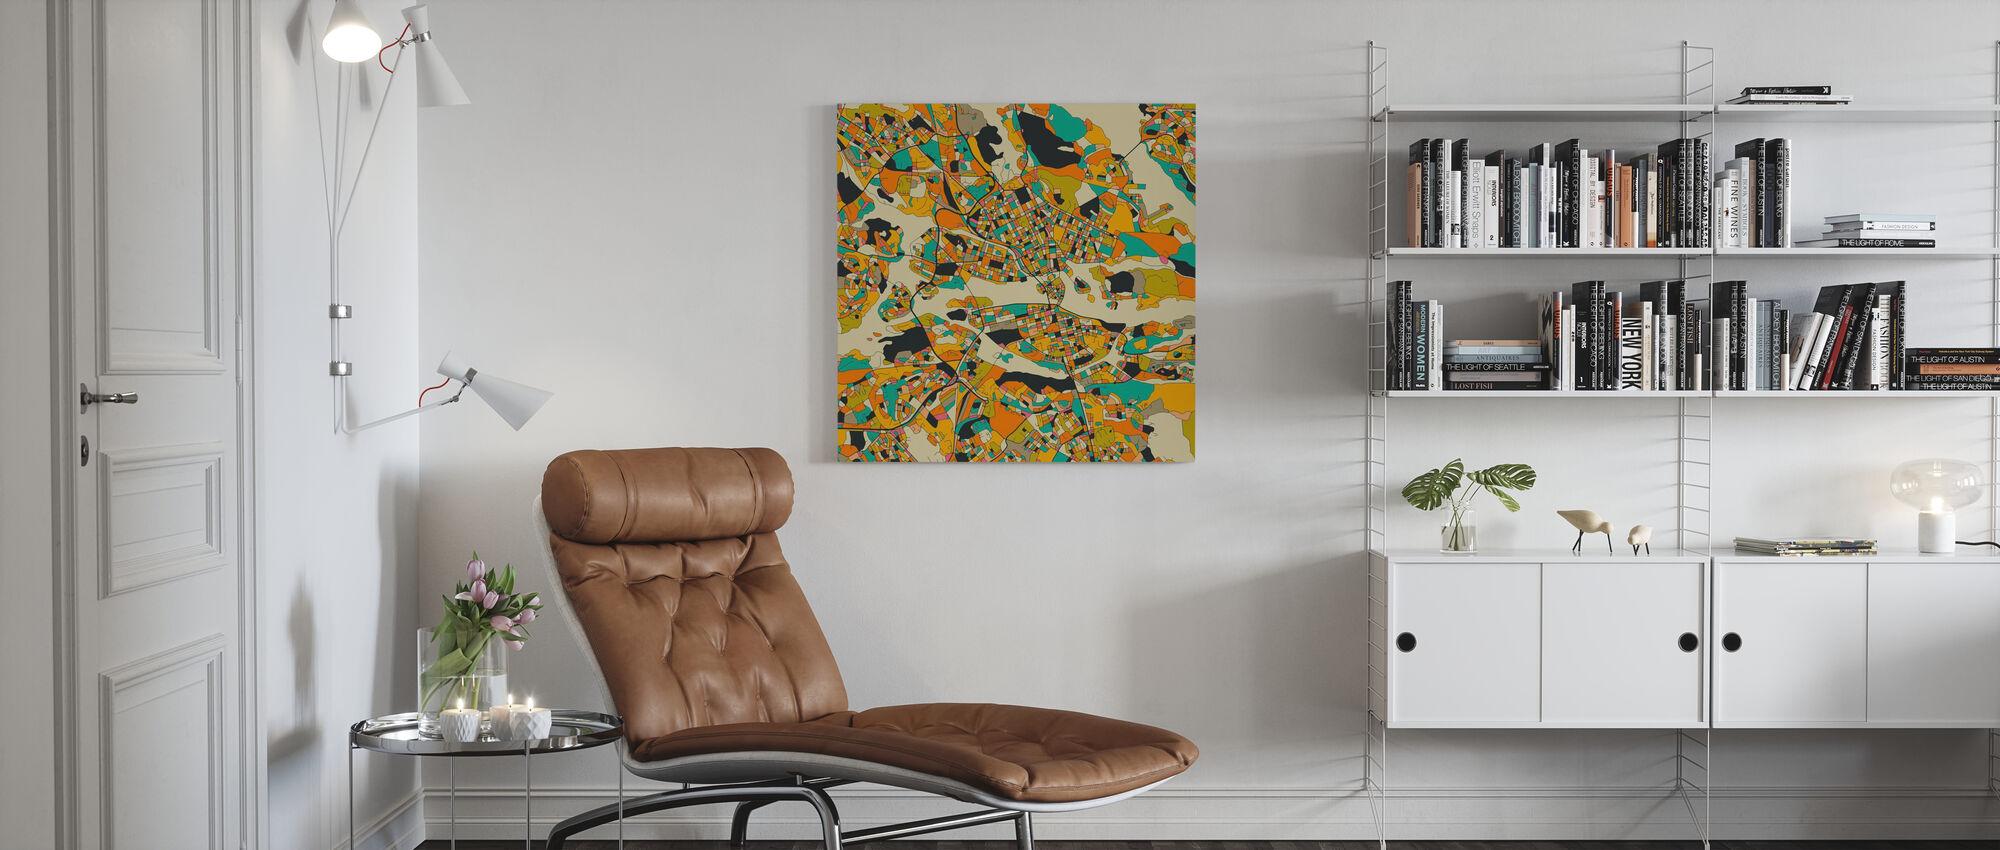 Mappa arancione - Stoccolma - Stampa su tela - Salotto